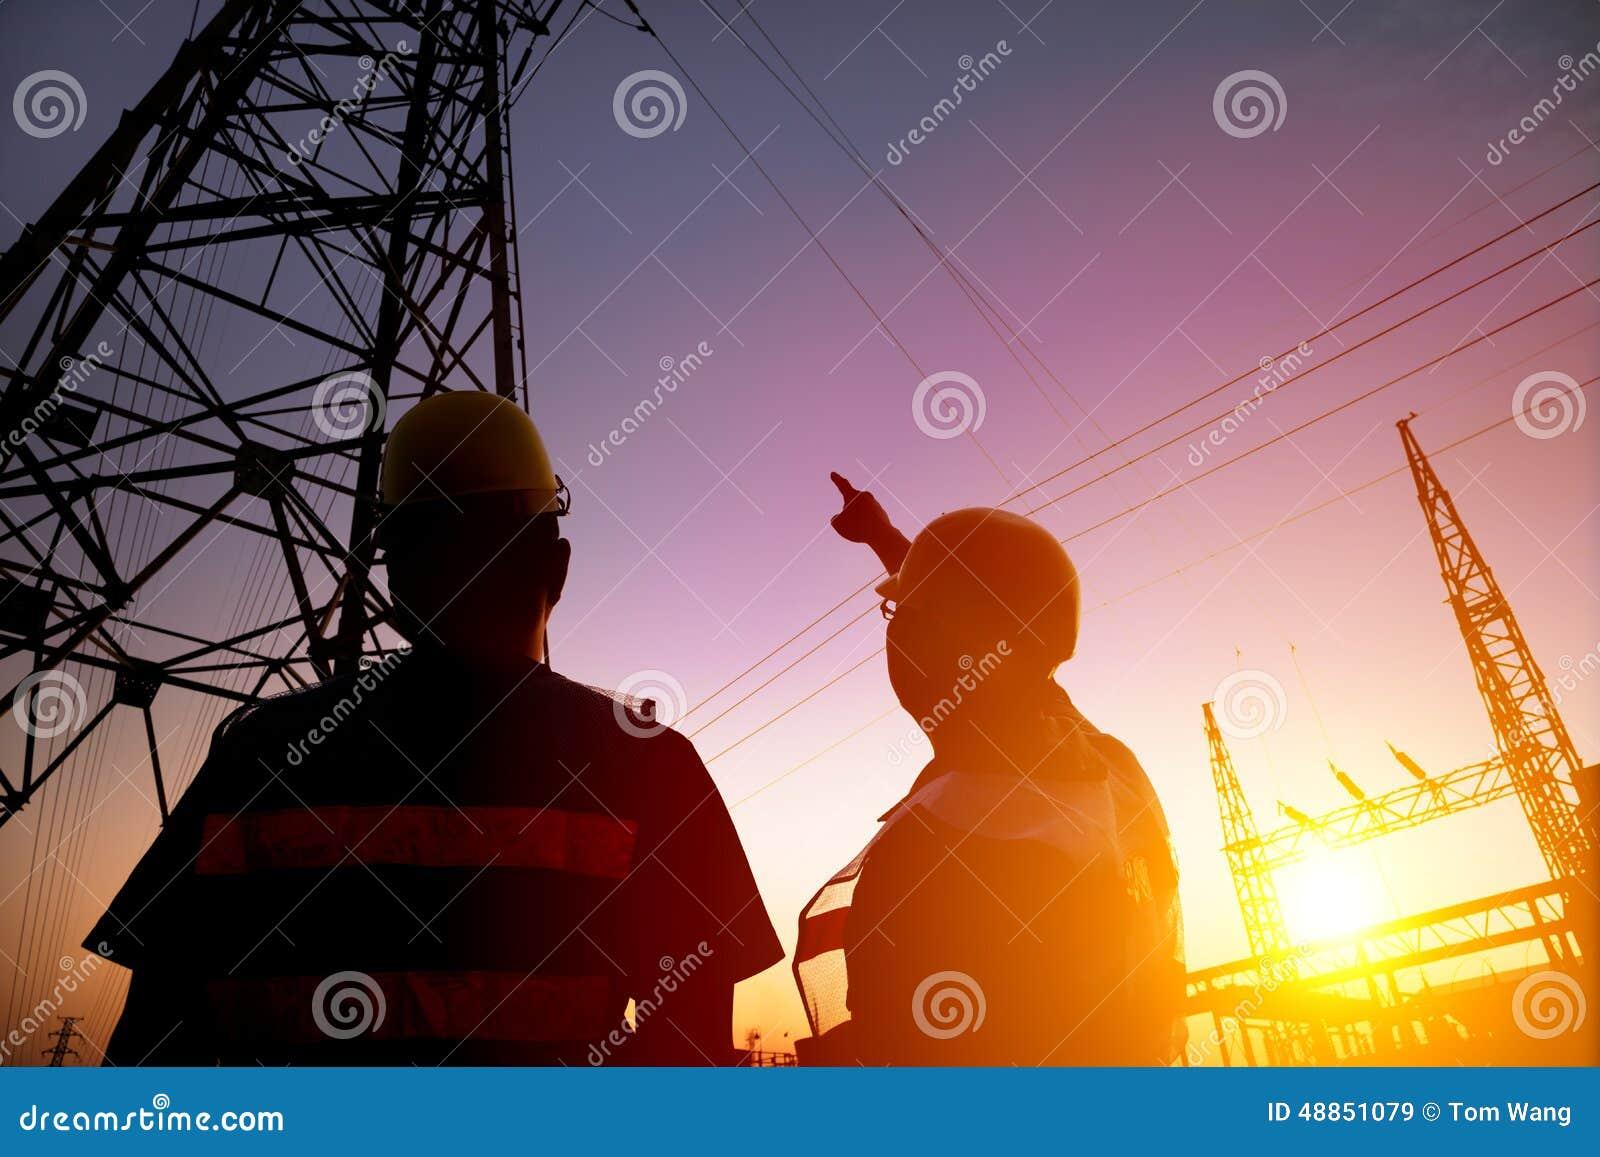 εργαζόμενοι που προσέχουν τον πύργο και τον υποσταθμό δύναμης με το ηλιοβασίλεμα β